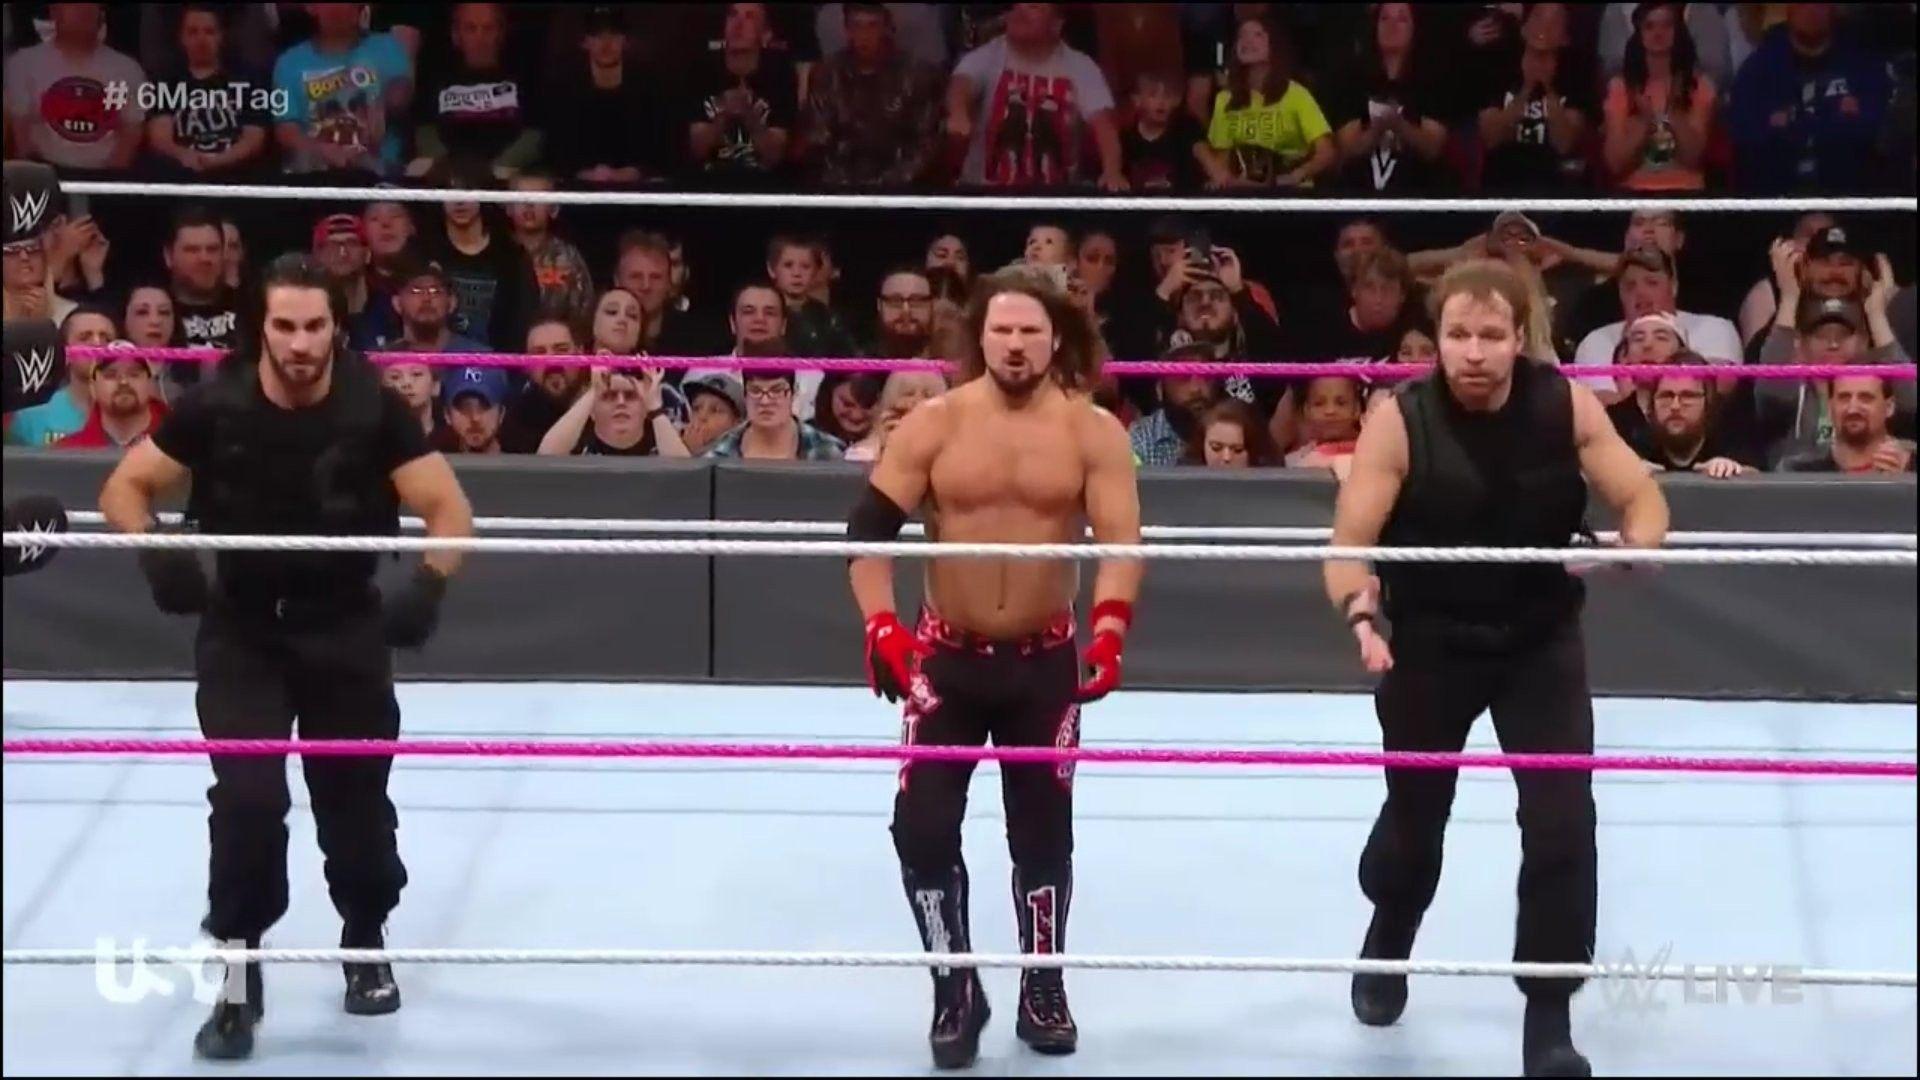 Dean Ambrose, Seth Rollins, AJ Style